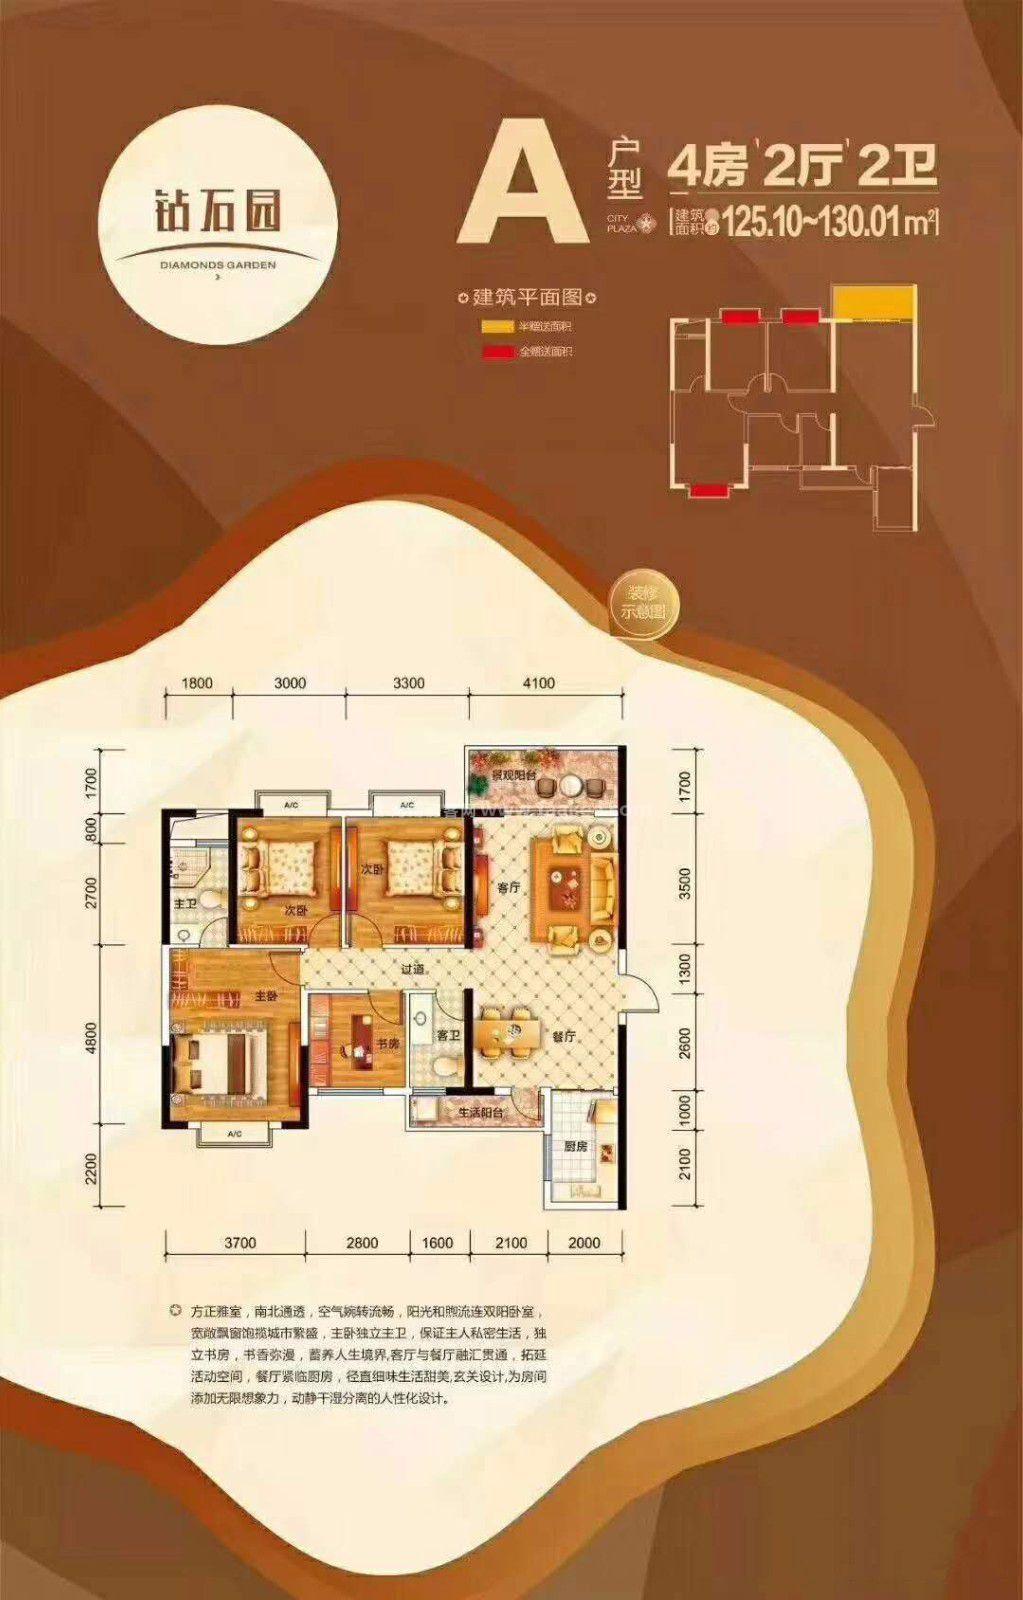 4室2厅2卫1厨 建筑面积125.10㎡